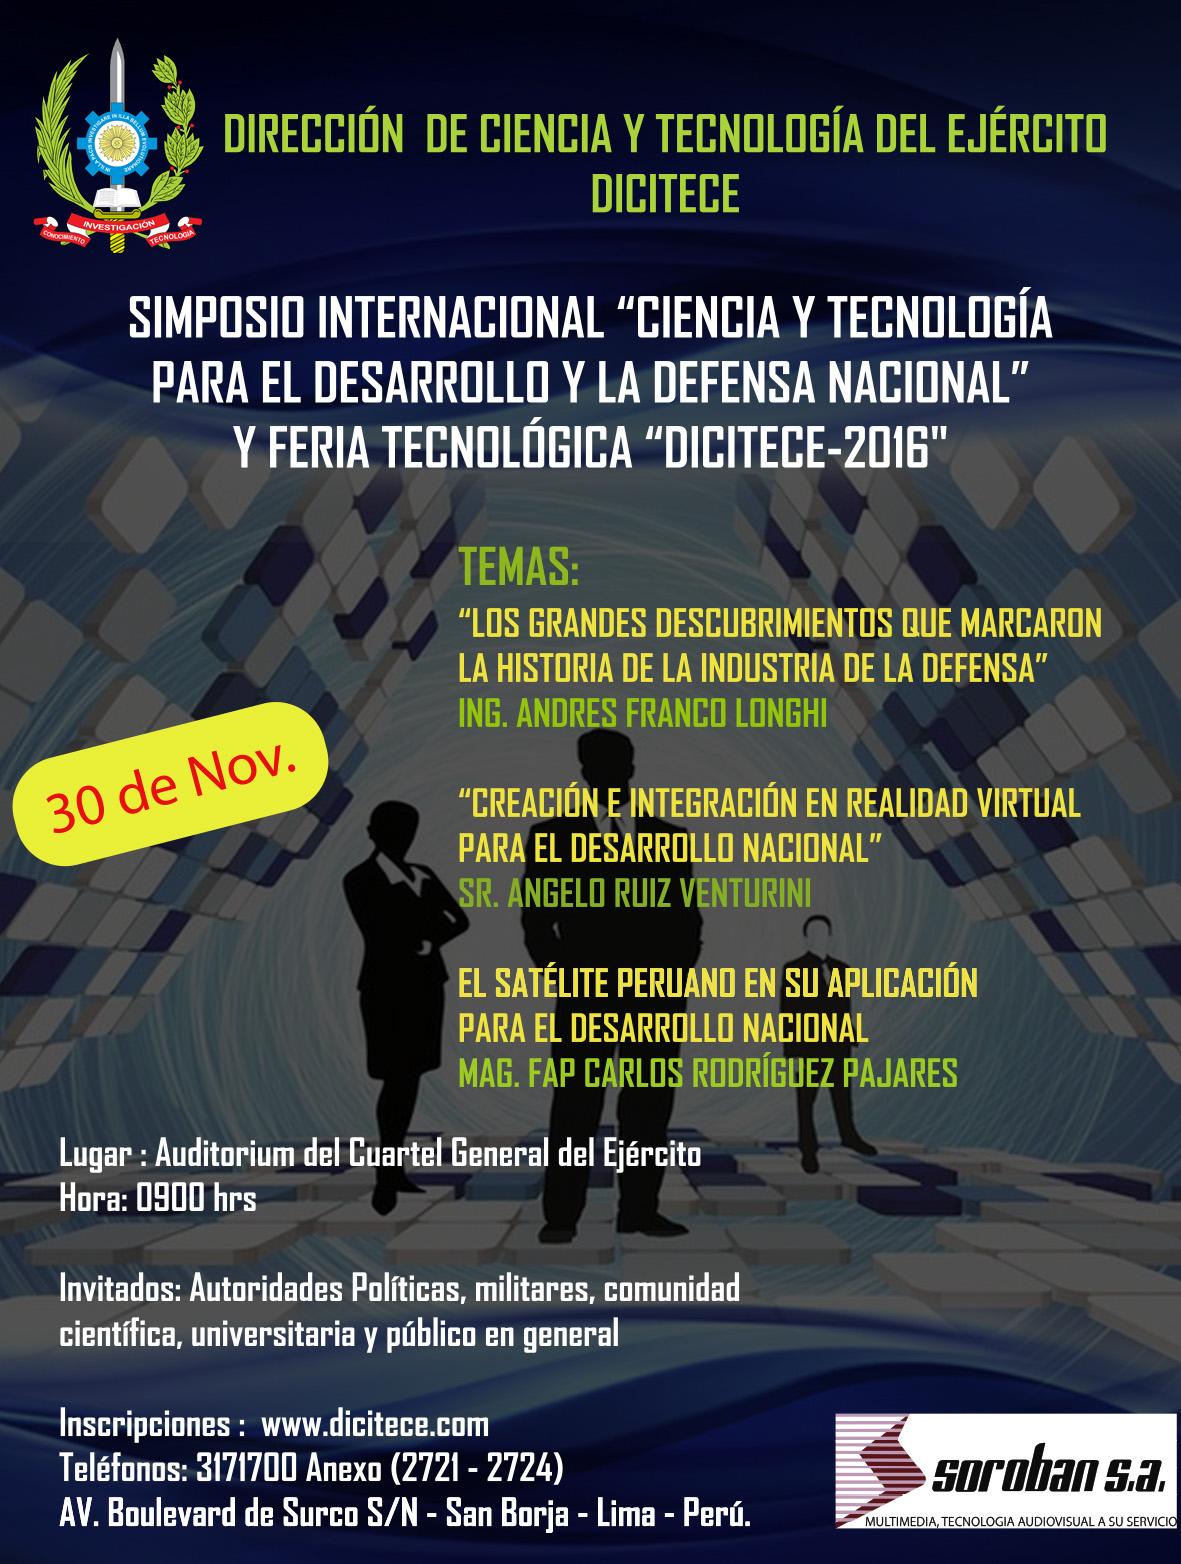 """Simposio Internacional """"Ciencia y Tecnología para el Desarrollo y la Defensa Nacional"""" y Feria Tecnológica DICITECE-2016"""